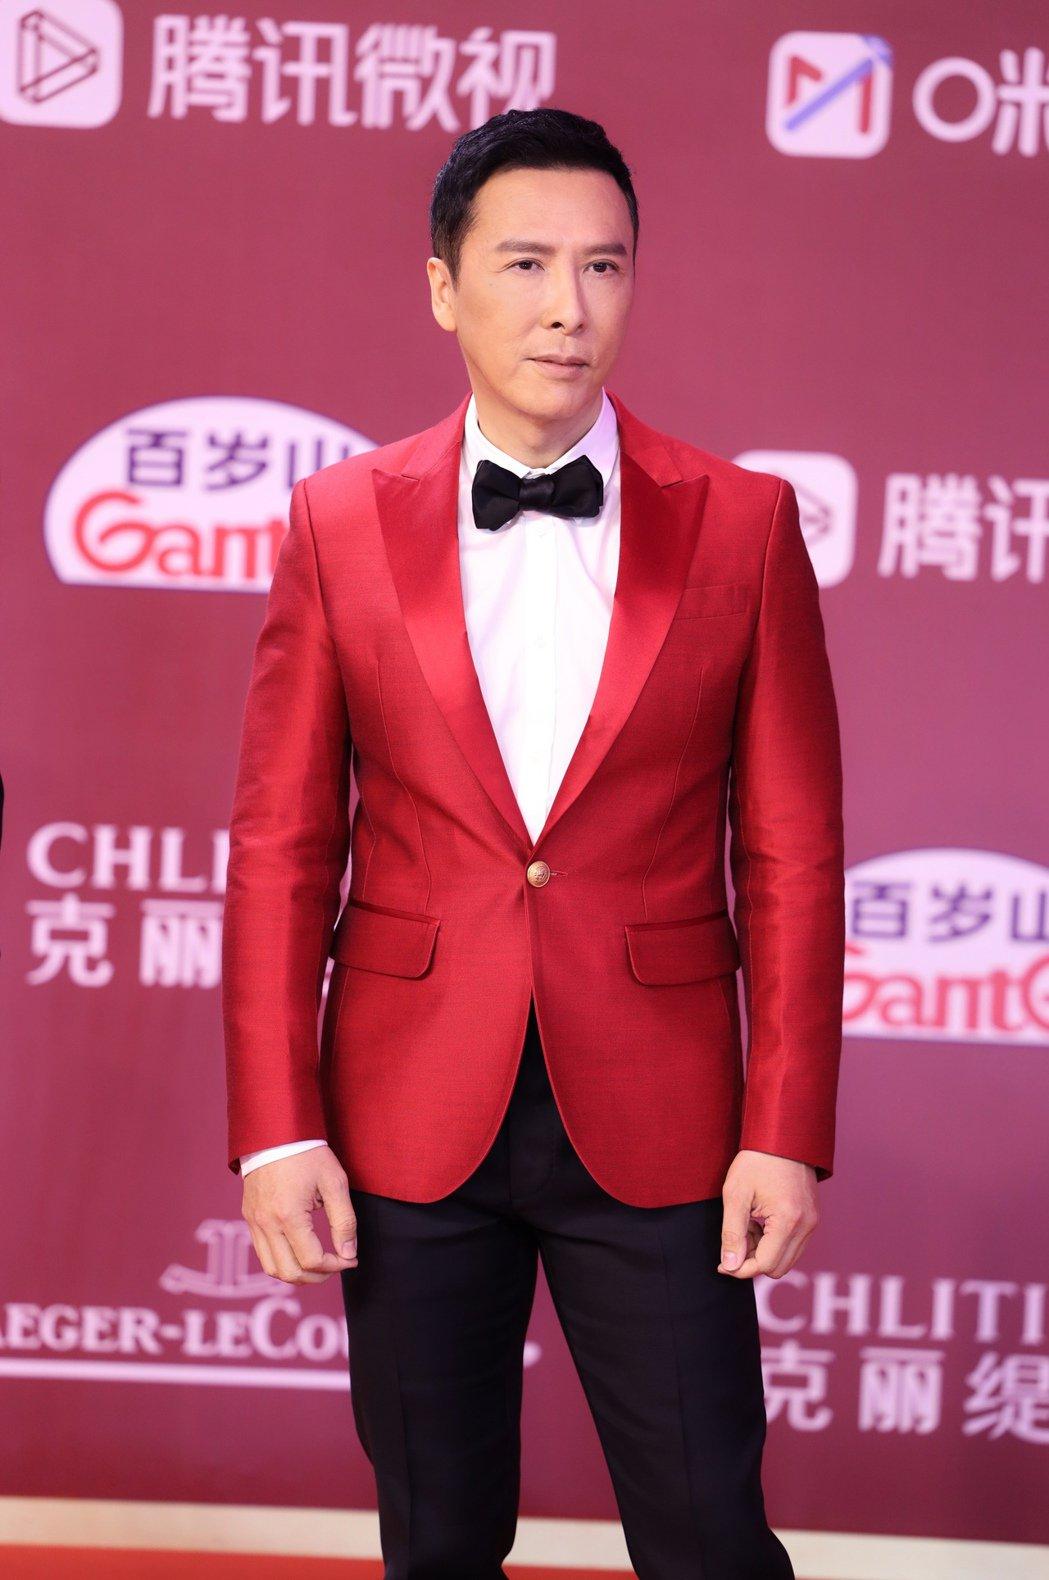 甄子丹穿著紅色西裝,霸氣出席「怒火」上海國際電影節宣傳。圖/華映提供